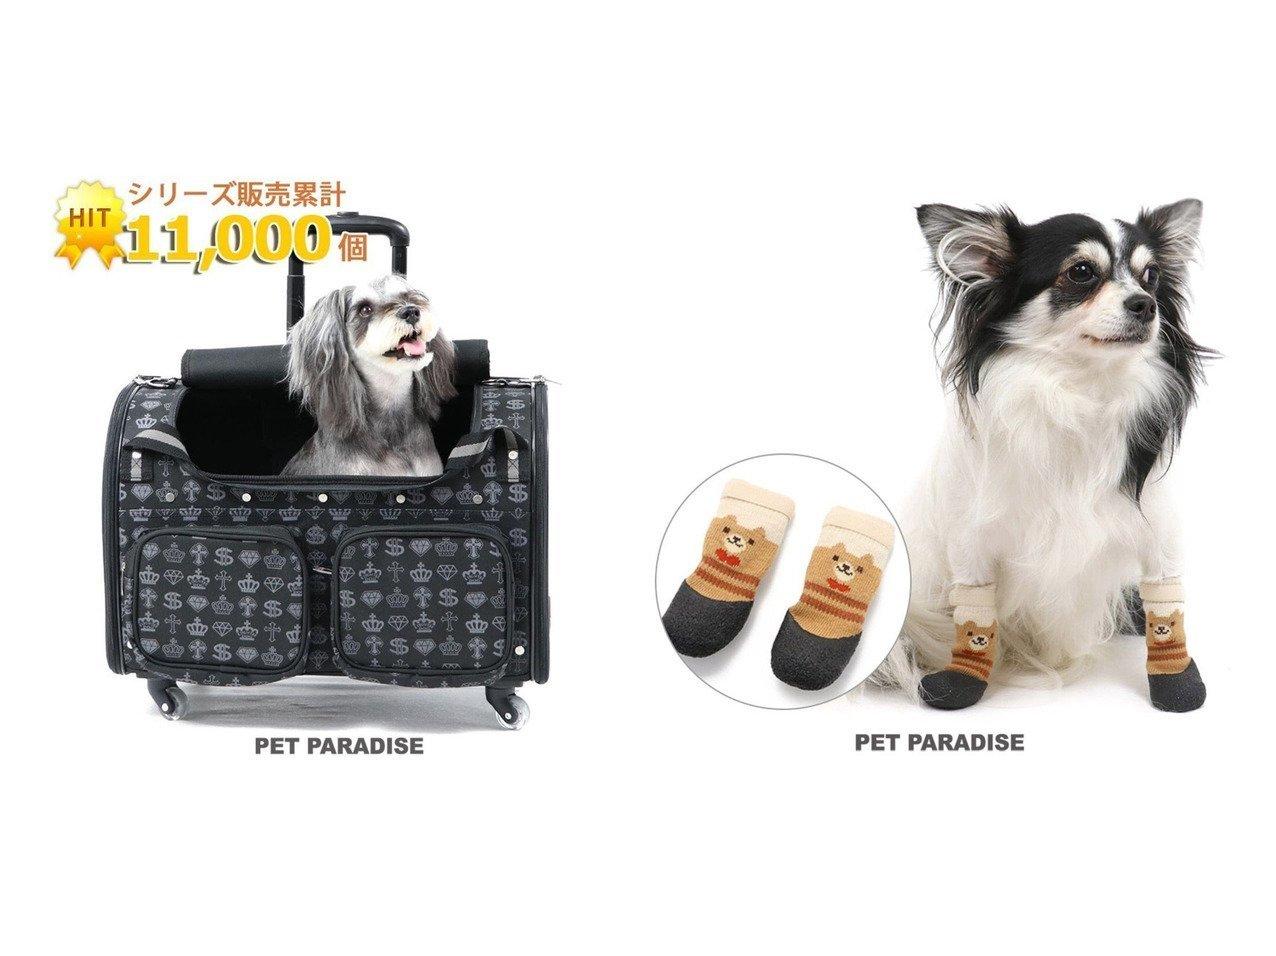 【PET PARADISE/ペットパラダイス】のコロコロキャリーL 王冠柄 キャスター付き&ペットパラダイス くまフィットシューズ ペット3S〔超・小型犬〕 おすすめ!人気、ペットグッズの通販 おすすめで人気の流行・トレンド、ファッションの通販商品 メンズファッション・キッズファッション・インテリア・家具・レディースファッション・服の通販 founy(ファニー) https://founy.com/ 洗える 抗菌 ショルダー ポケット メッシュ ラップ 再入荷 Restock/Back in Stock/Re Arrival 送料無料 Free Shipping シューズ フィット 犬 Dog ホームグッズ Home/Garden ペットグッズ Pet Supplies  ID:crp329100000032795